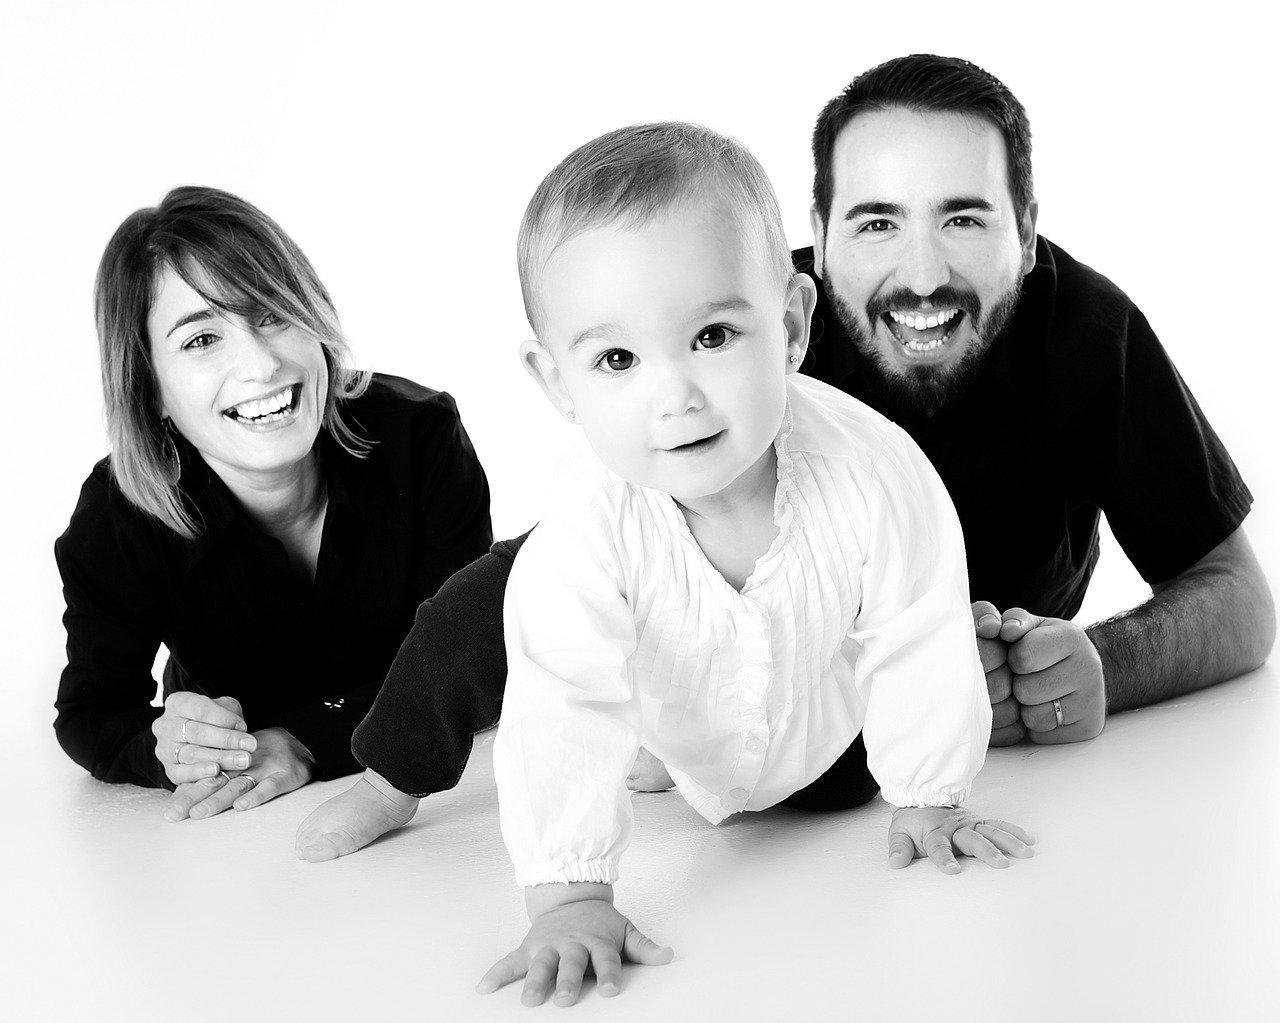 Comment passer des moments en famille lorsque l'on a pas trop de temps?